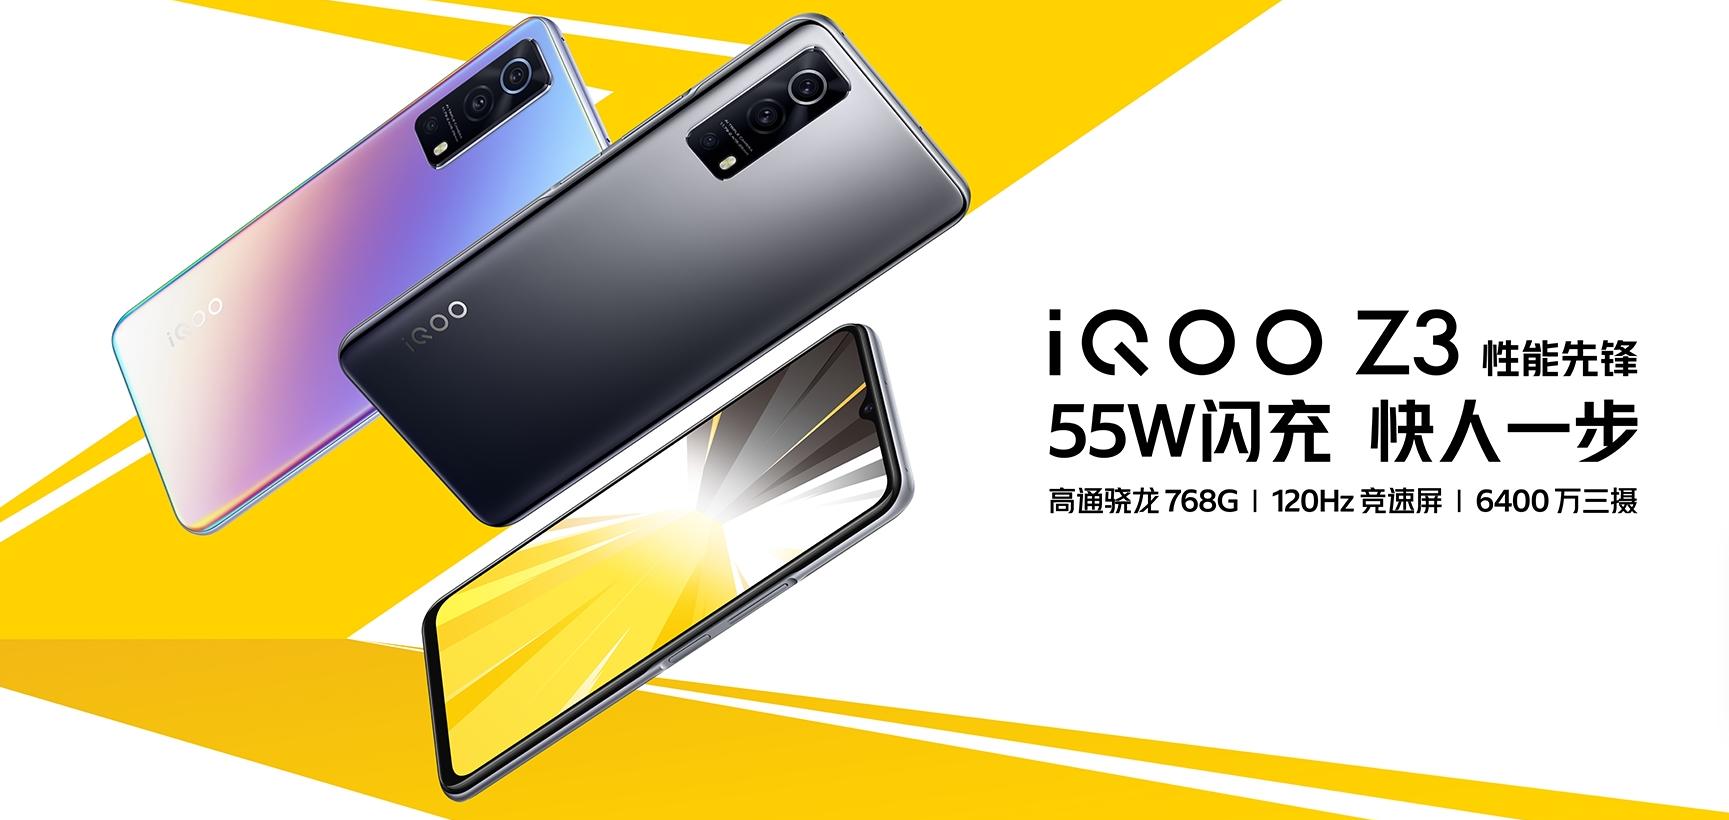 限时特惠100元!iQOO Z3开启首销